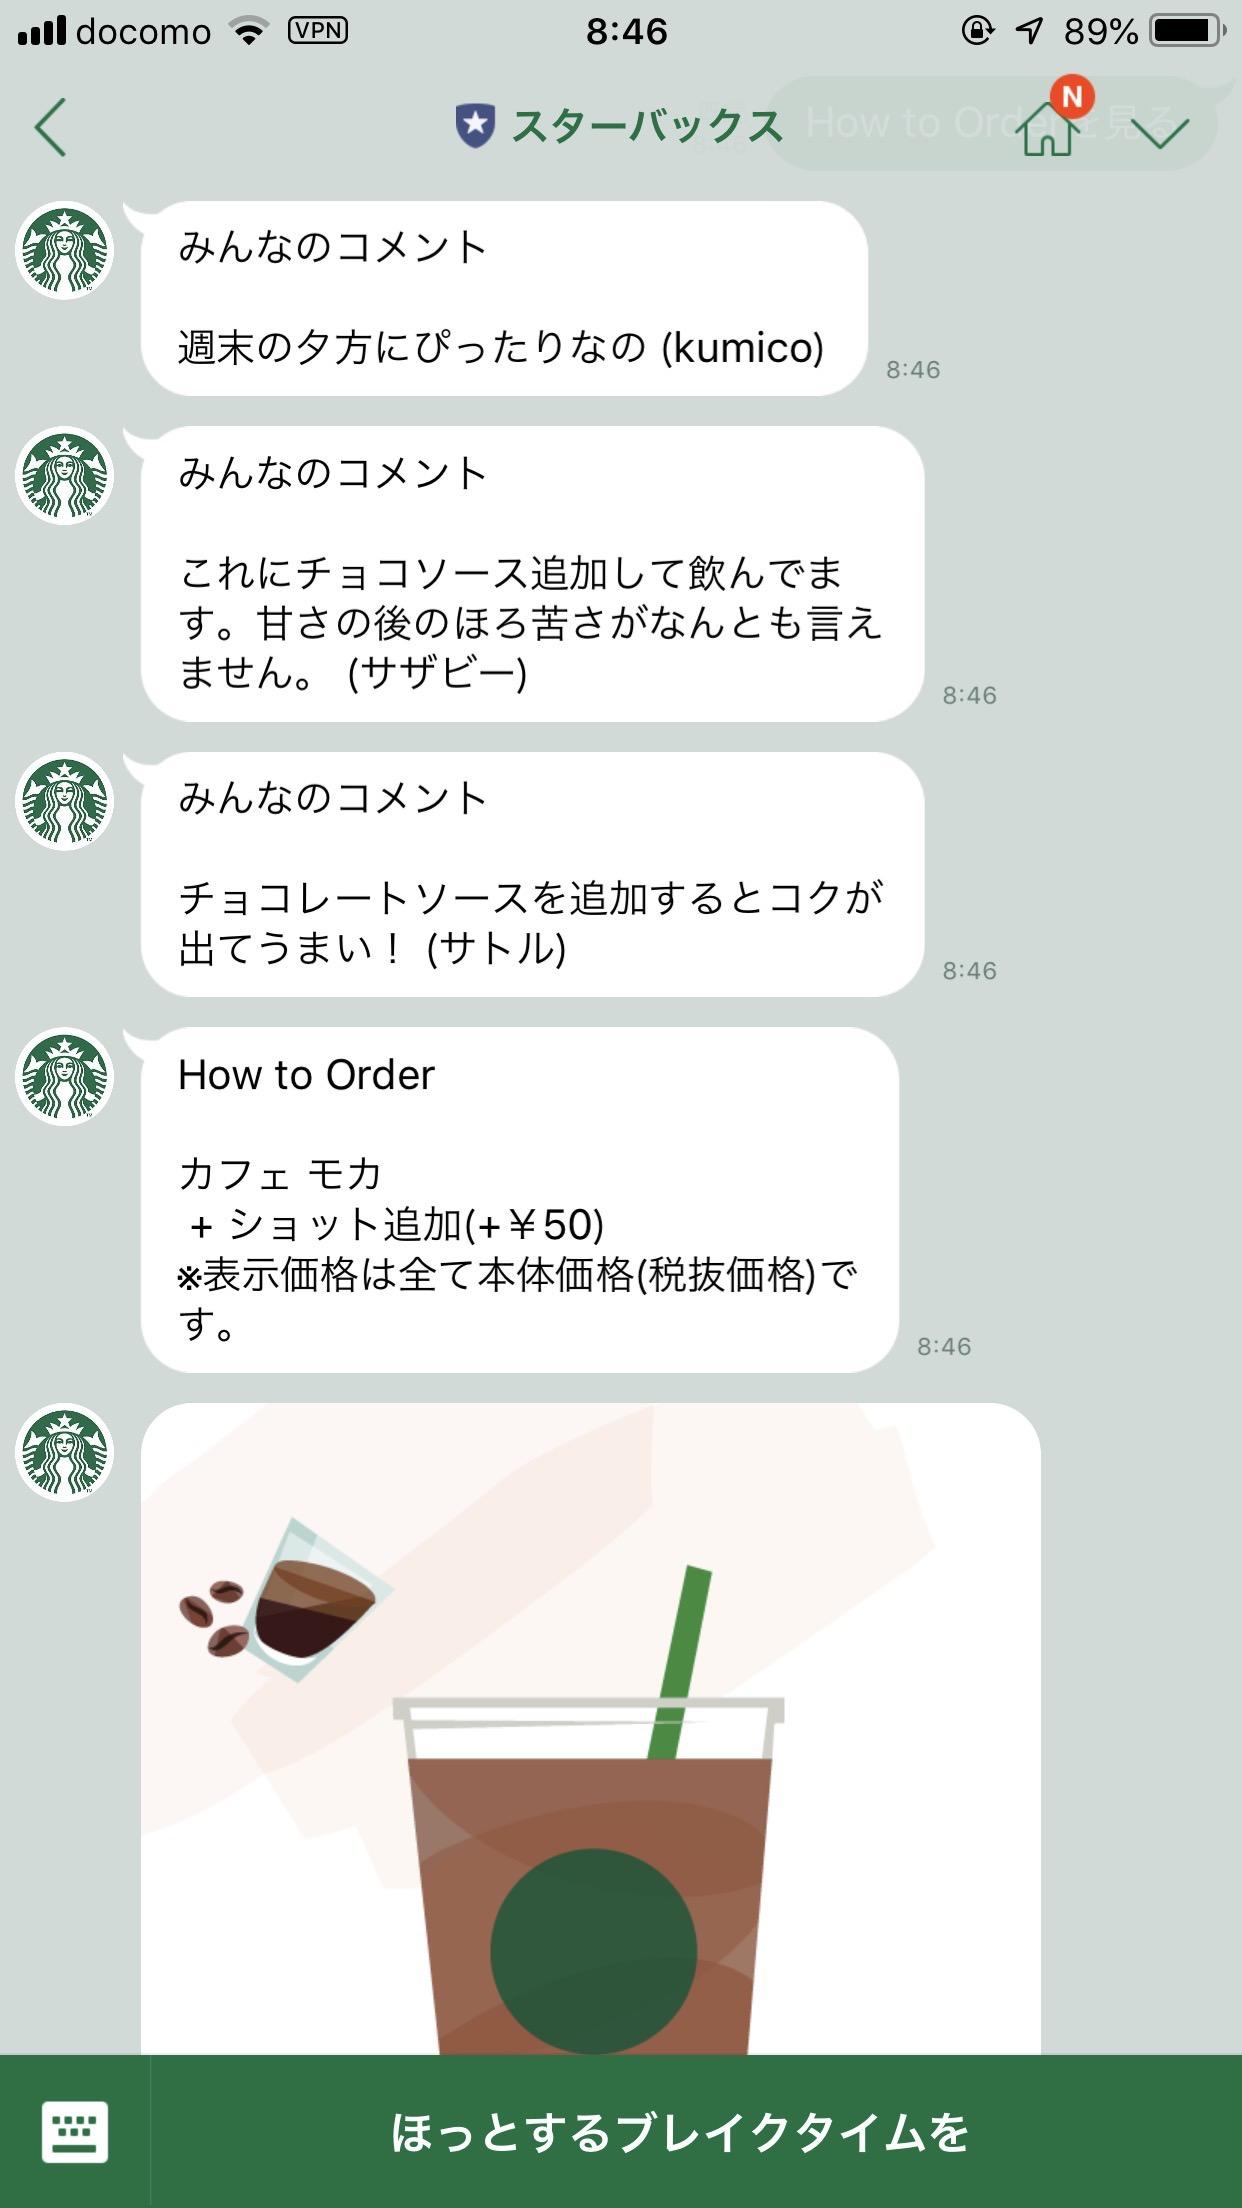 【スターバックス】LINE公式アカウントでカスタマイズのオーダー方法を調べる 6